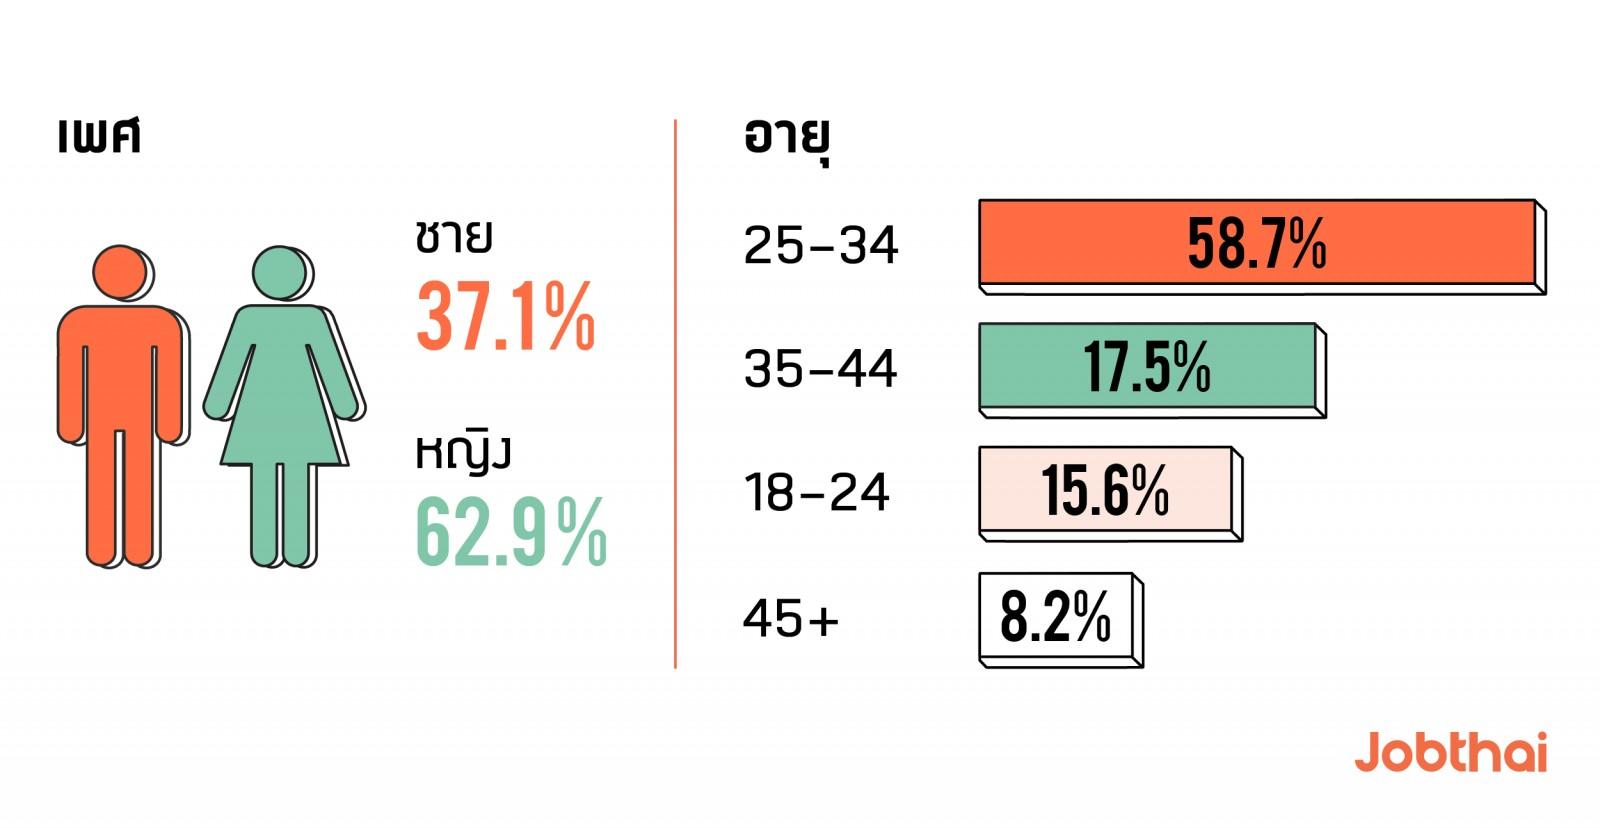 อัปเดตสถิติการใช้งานJobThaiในรอบครึ่งปี 2019 เพศและช่วงอายุ